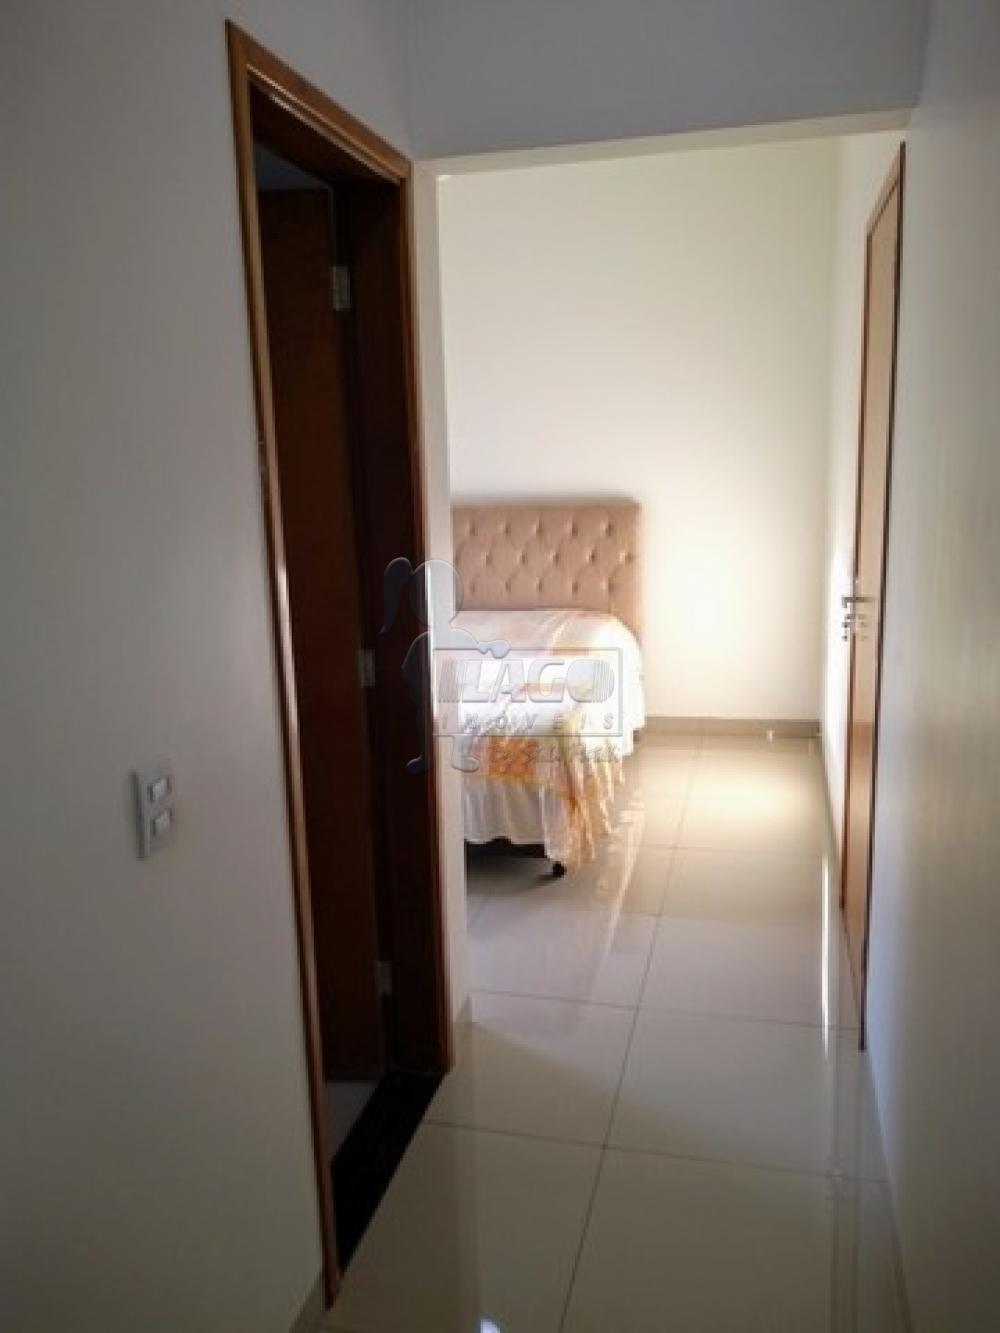 Comprar Casas / Padrão em Sertãozinho R$ 440.000,00 - Foto 8